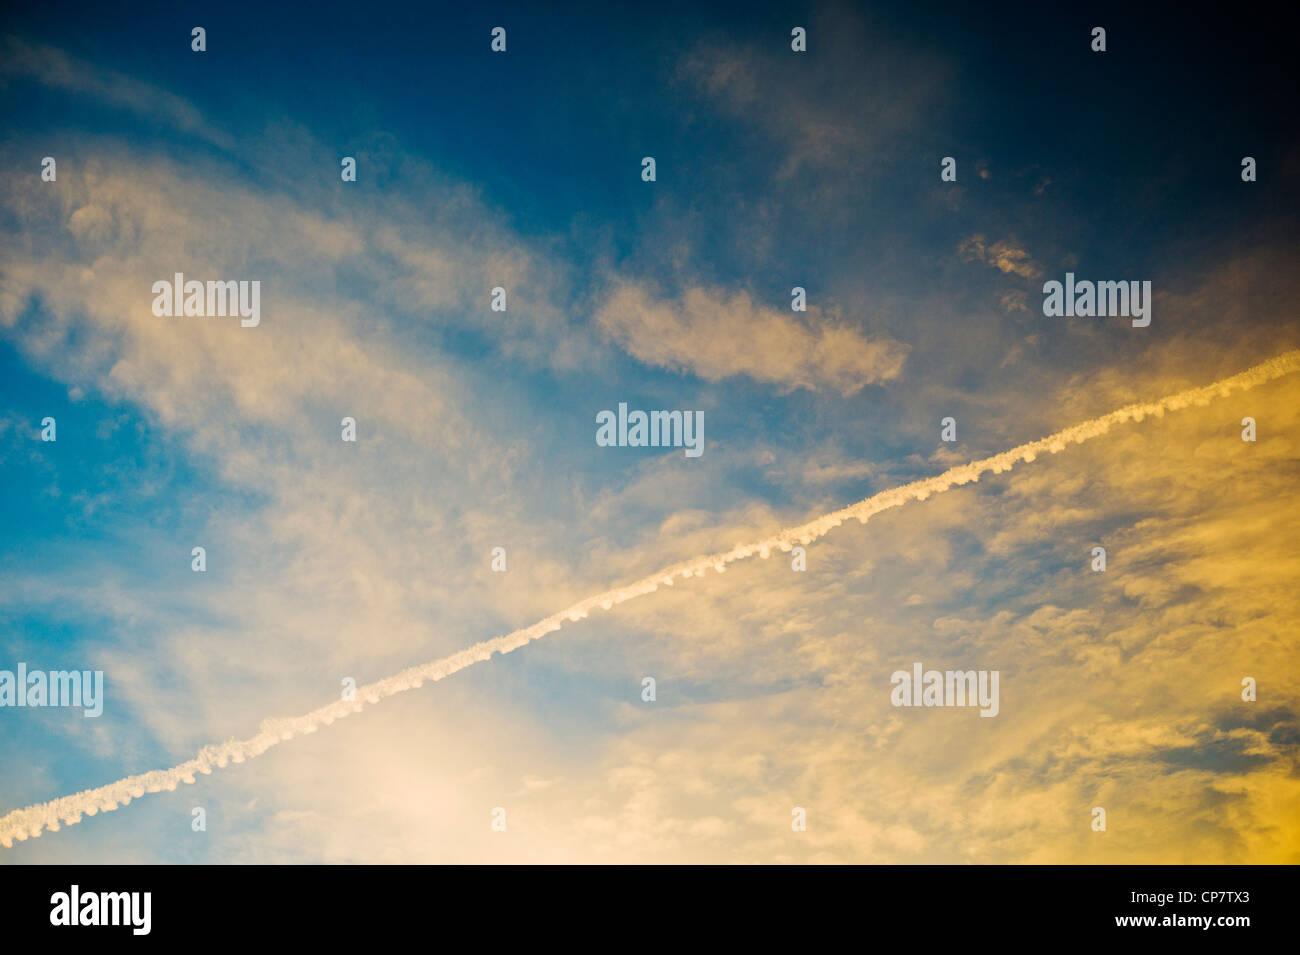 Linea aerea commerciale jet contrails attraverso un chiaro Tramonto Tramonto cielo blu Immagini Stock